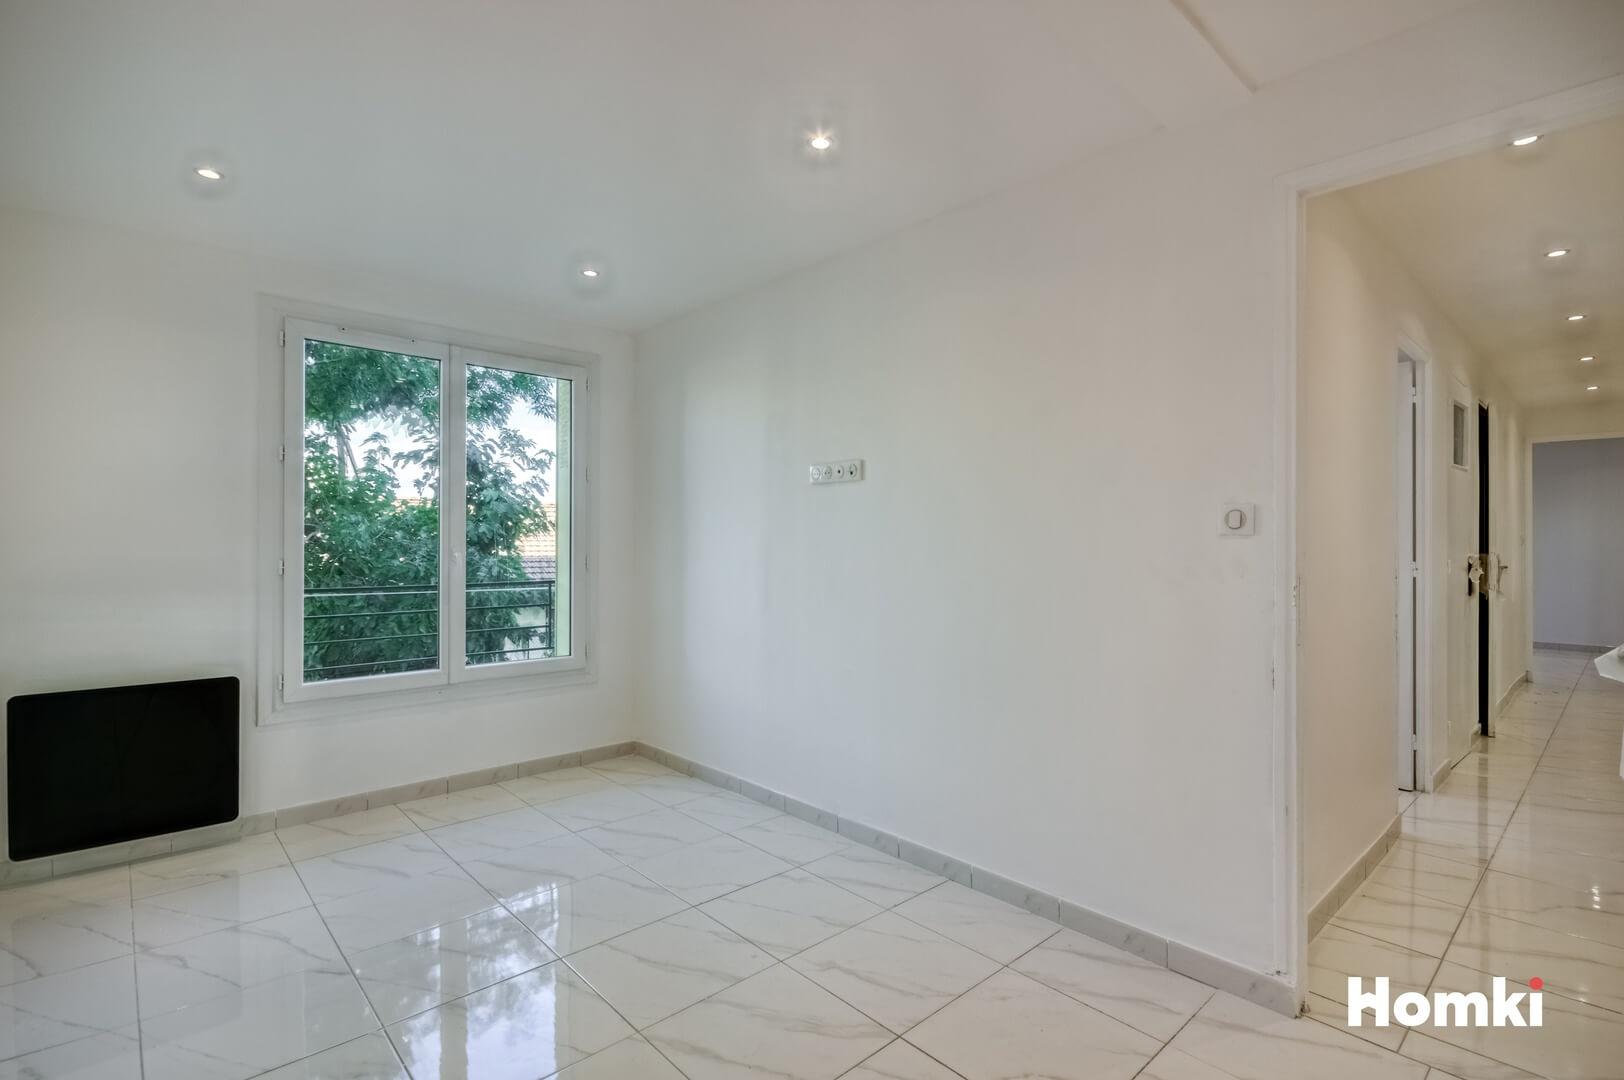 Homki - Vente Appartement  de 56.0 m² à Marseille 13004